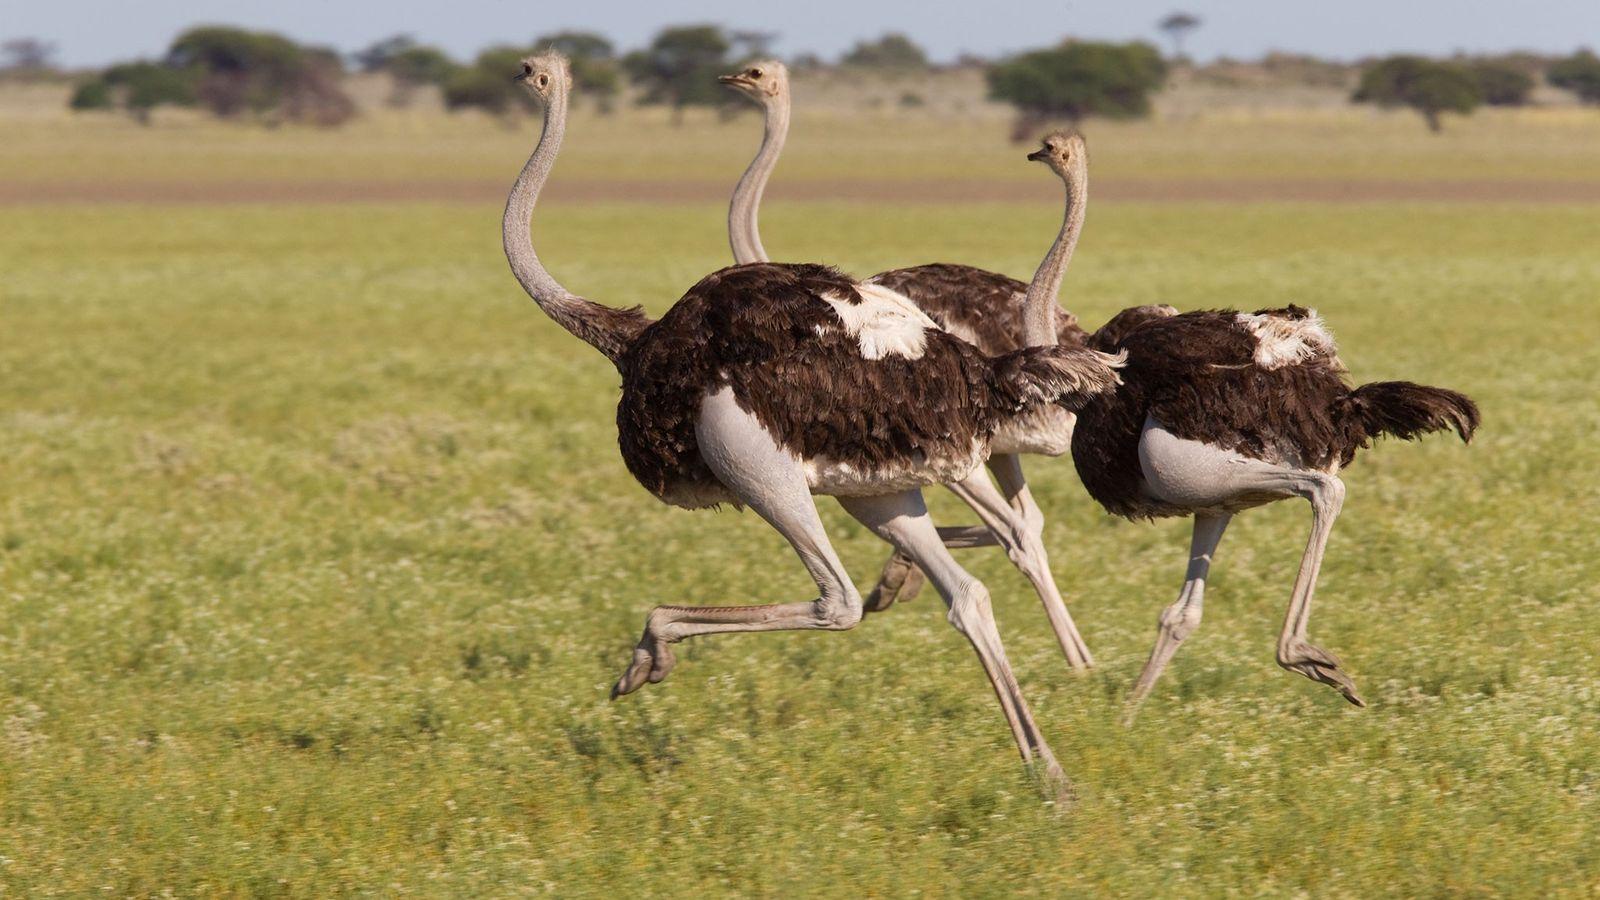 Trio de avestruzes aposta uma corrida no Central Kalahari Game Reserve, em Botsuana.